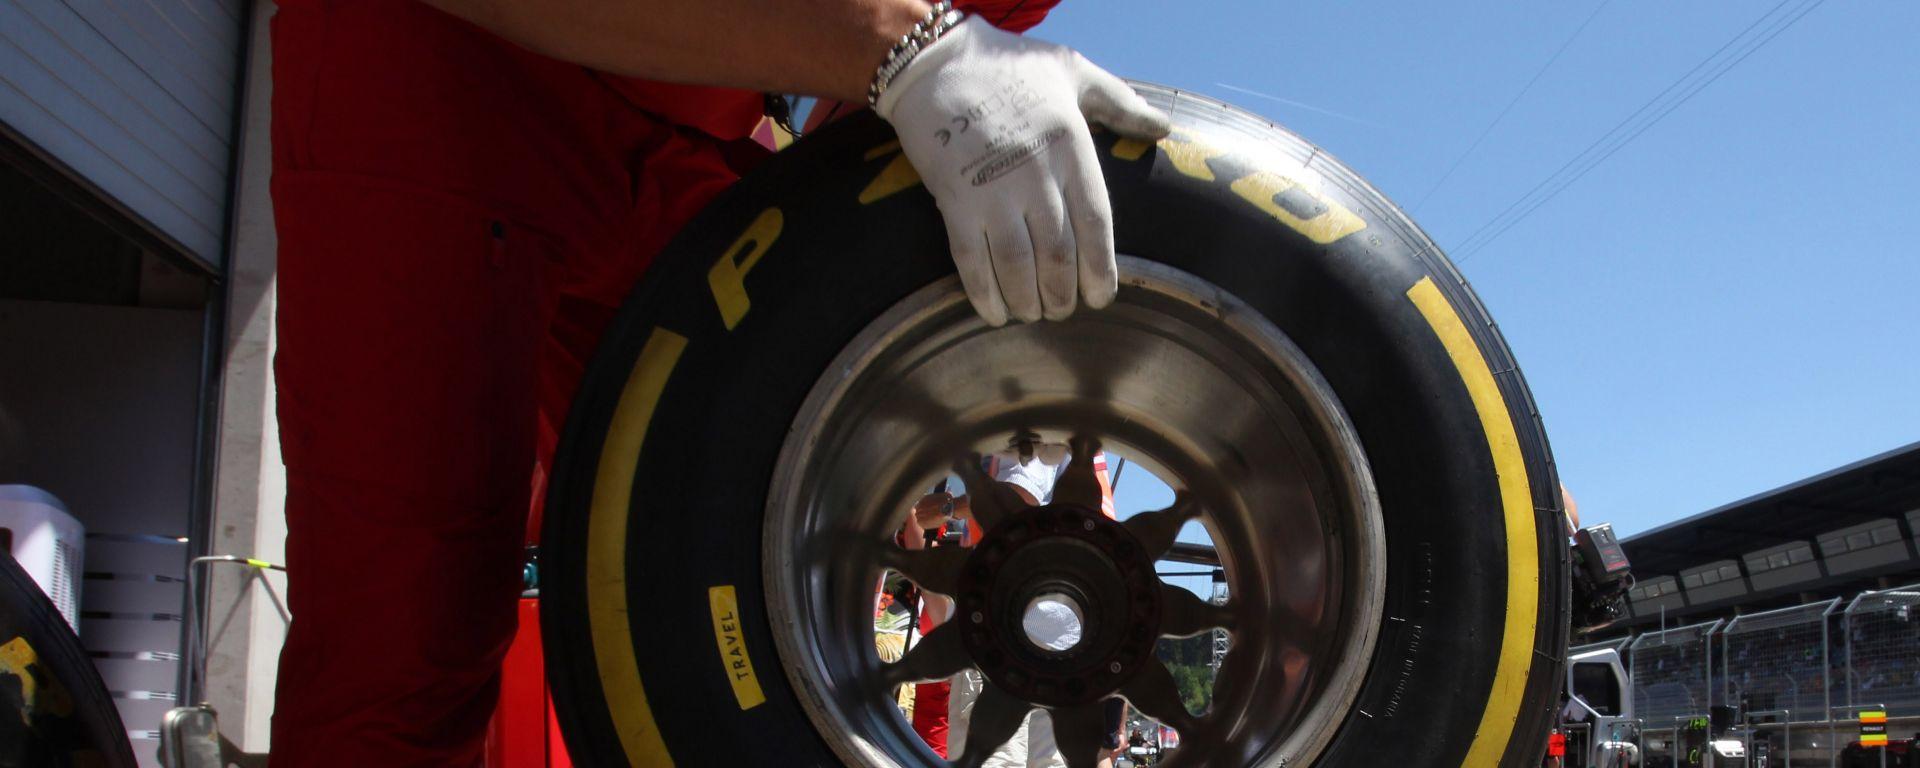 Pirelli, le gomme per il Gp Italia 2019